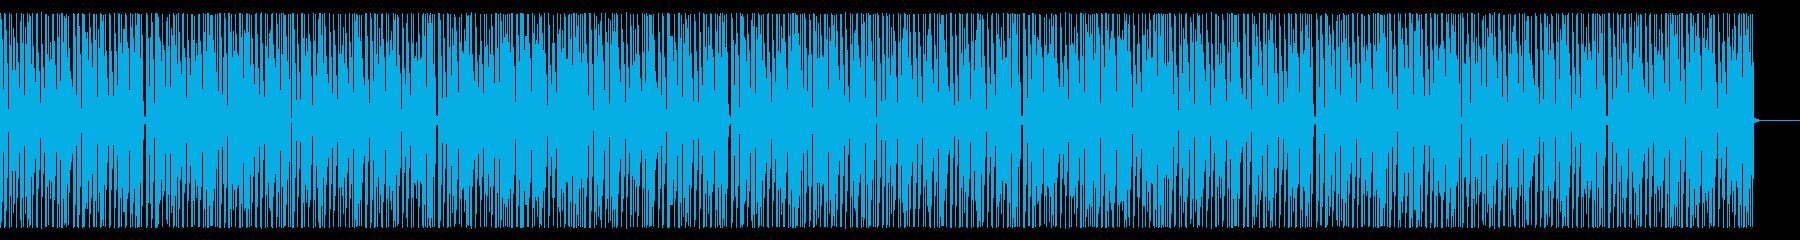 ほのぼのCM系BGMの再生済みの波形